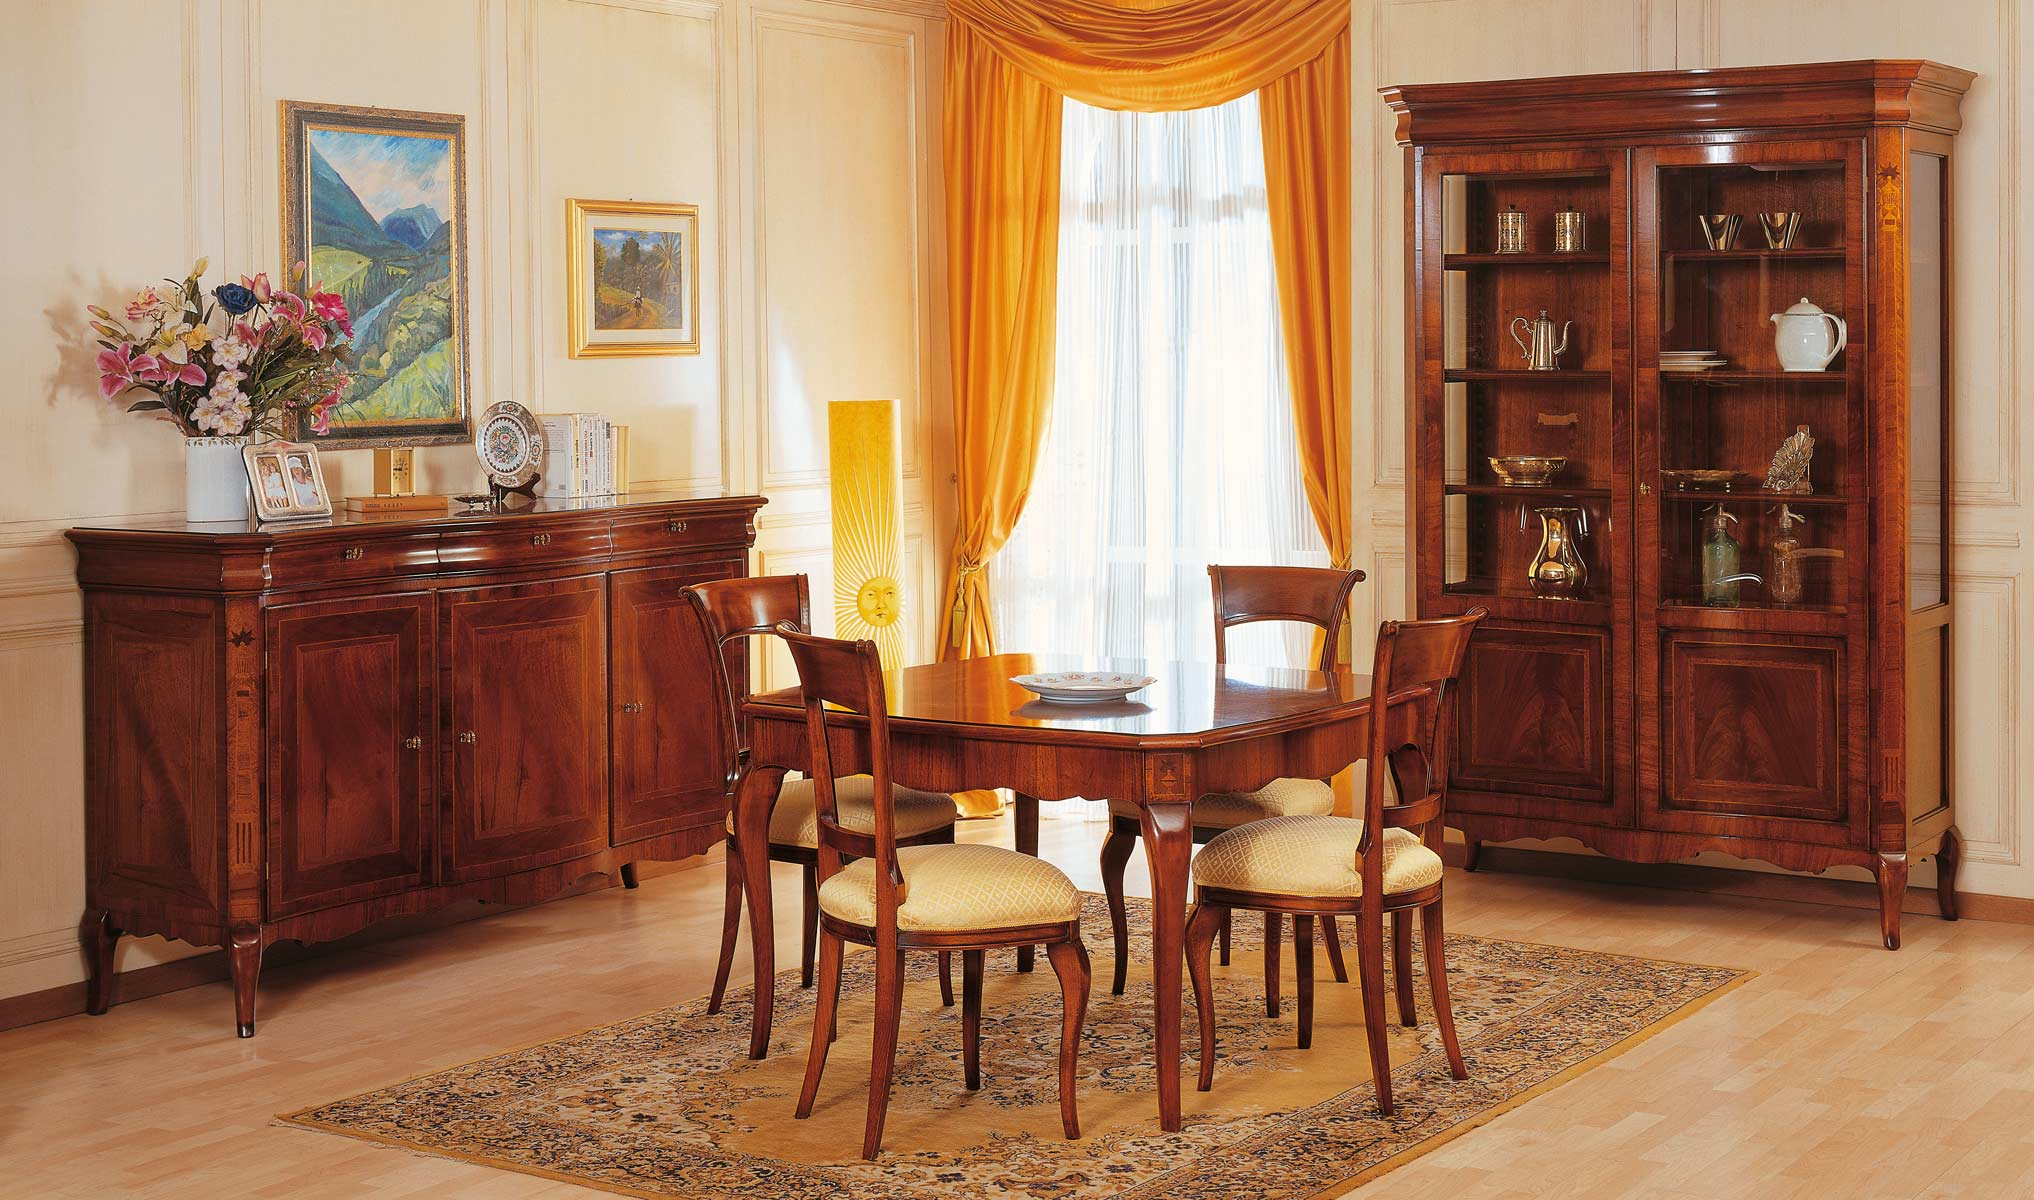 Sala Da Pranzo In Stile 800 Francese Vimercati Meda #BA8911 2034 1200 Sala Da Pranzo In Noce